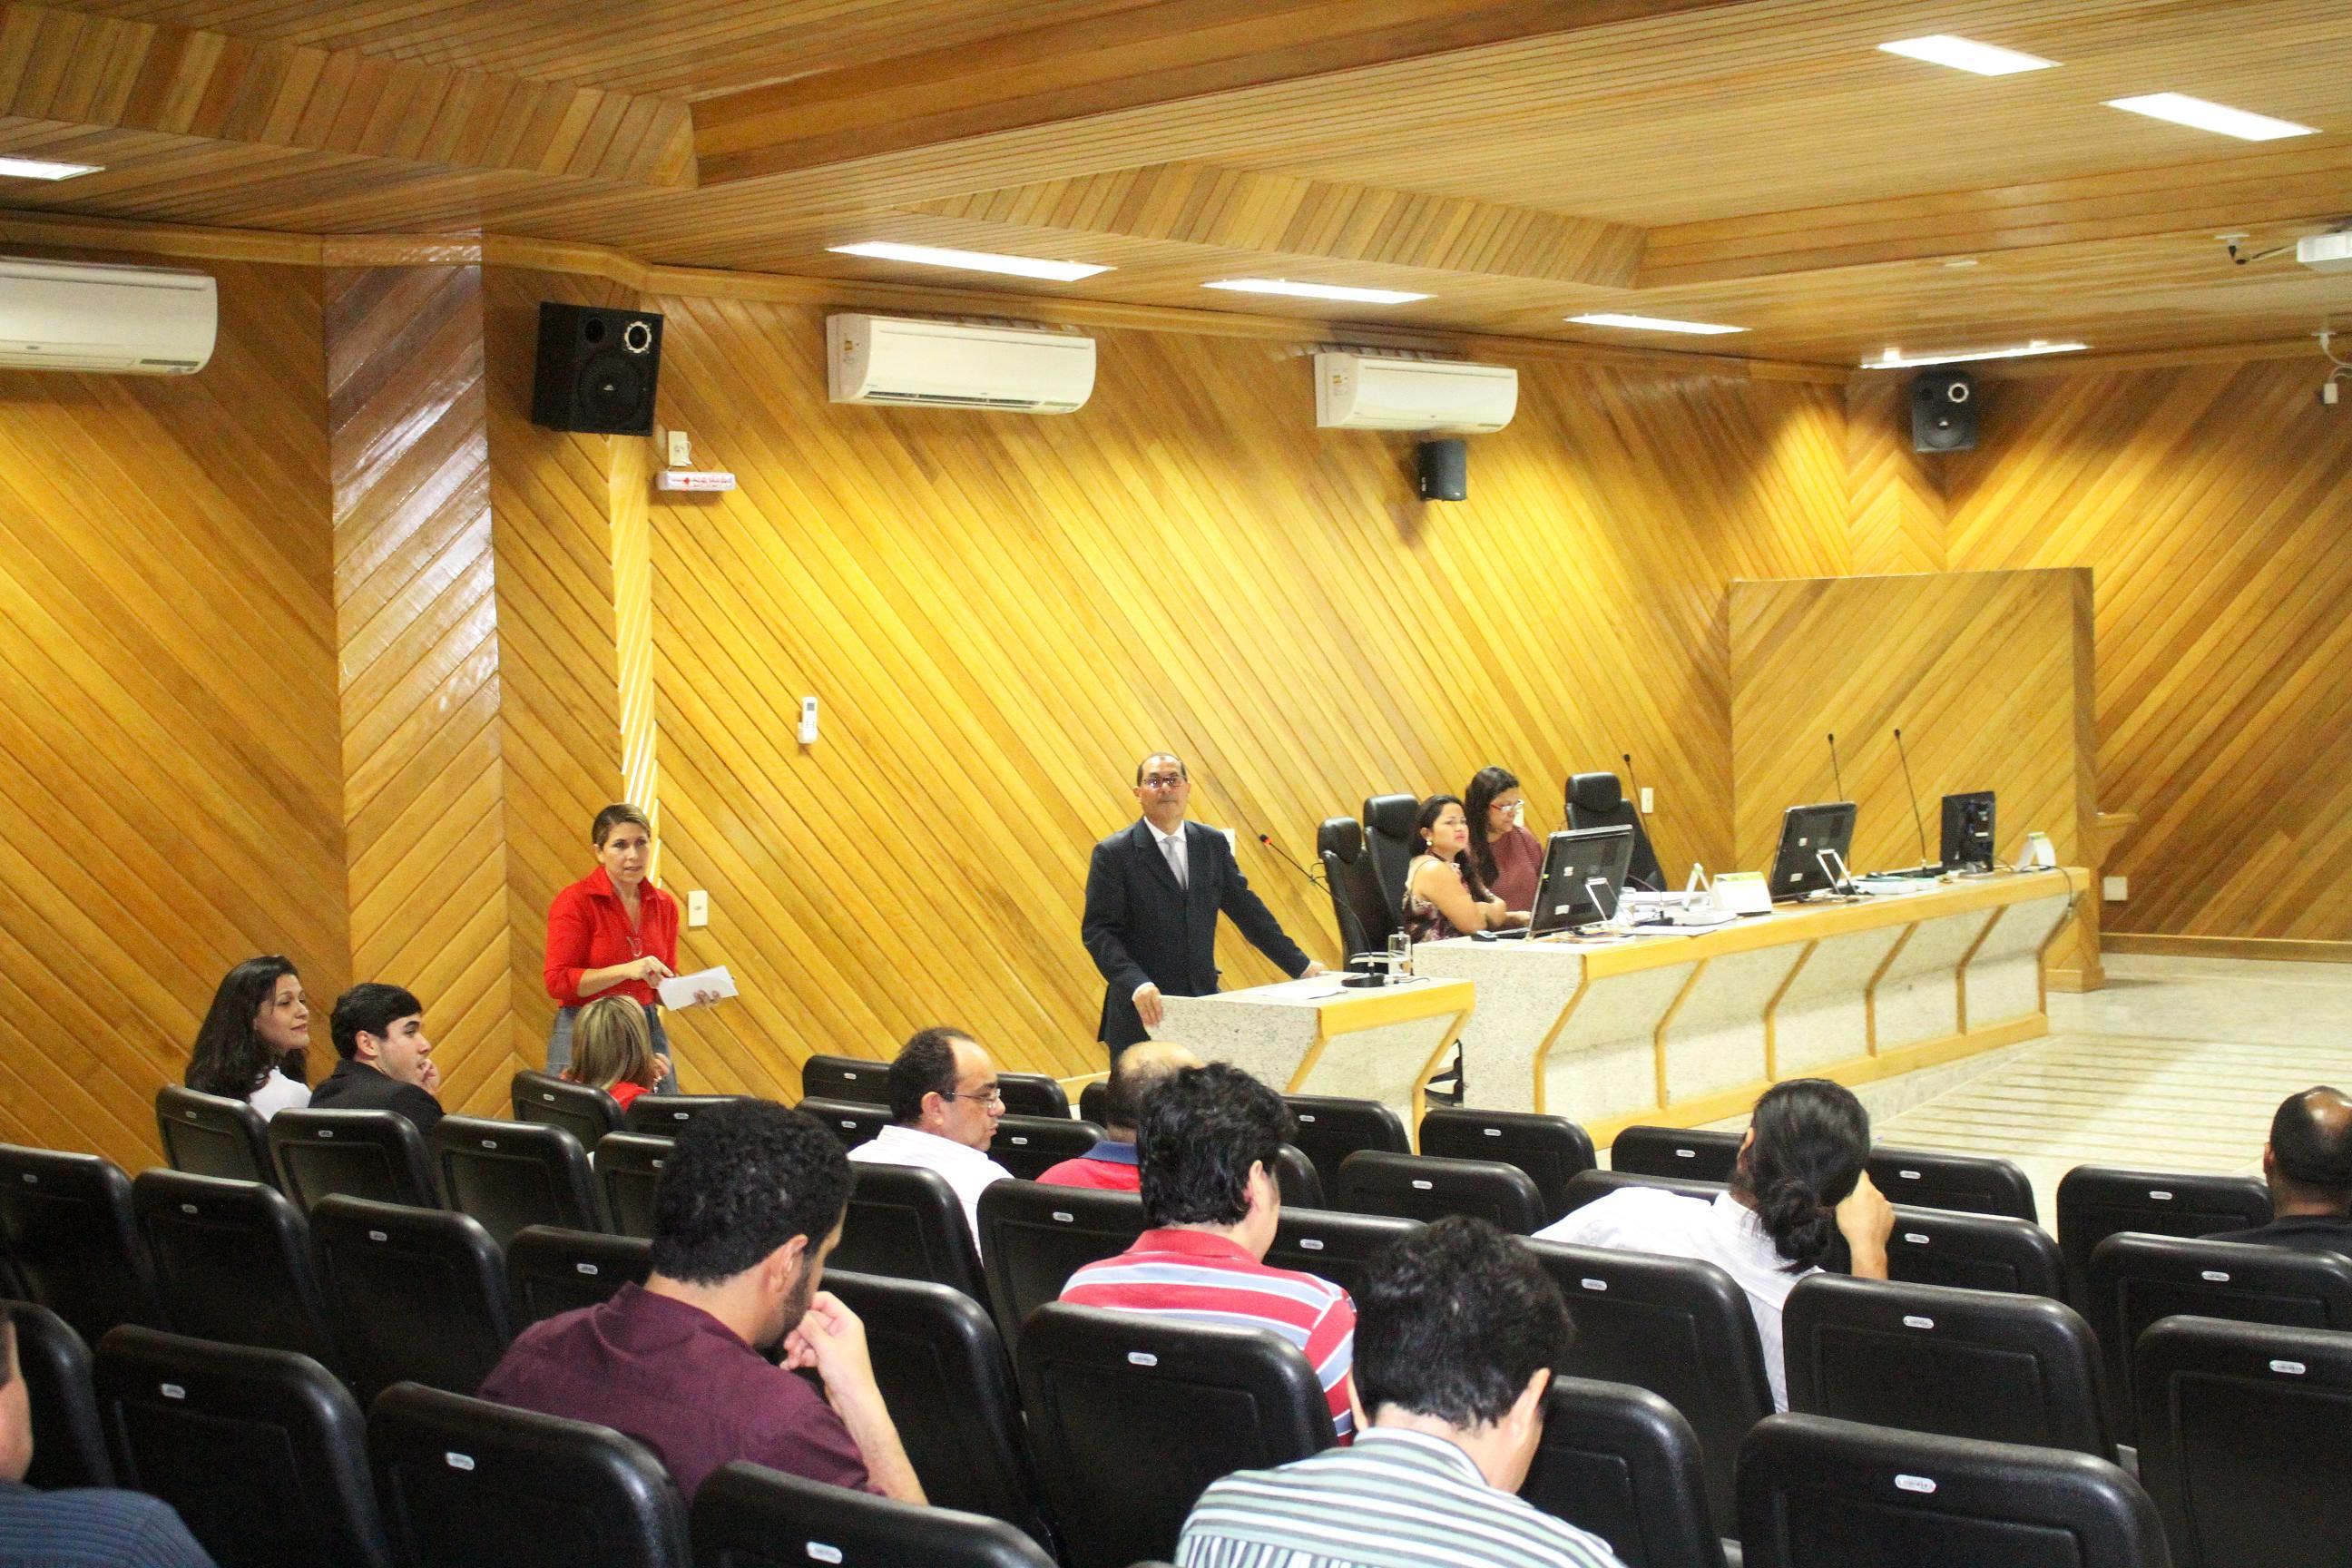 ELEIÇÕES: Instalada comissão que vai auditar urnas eletrônicas